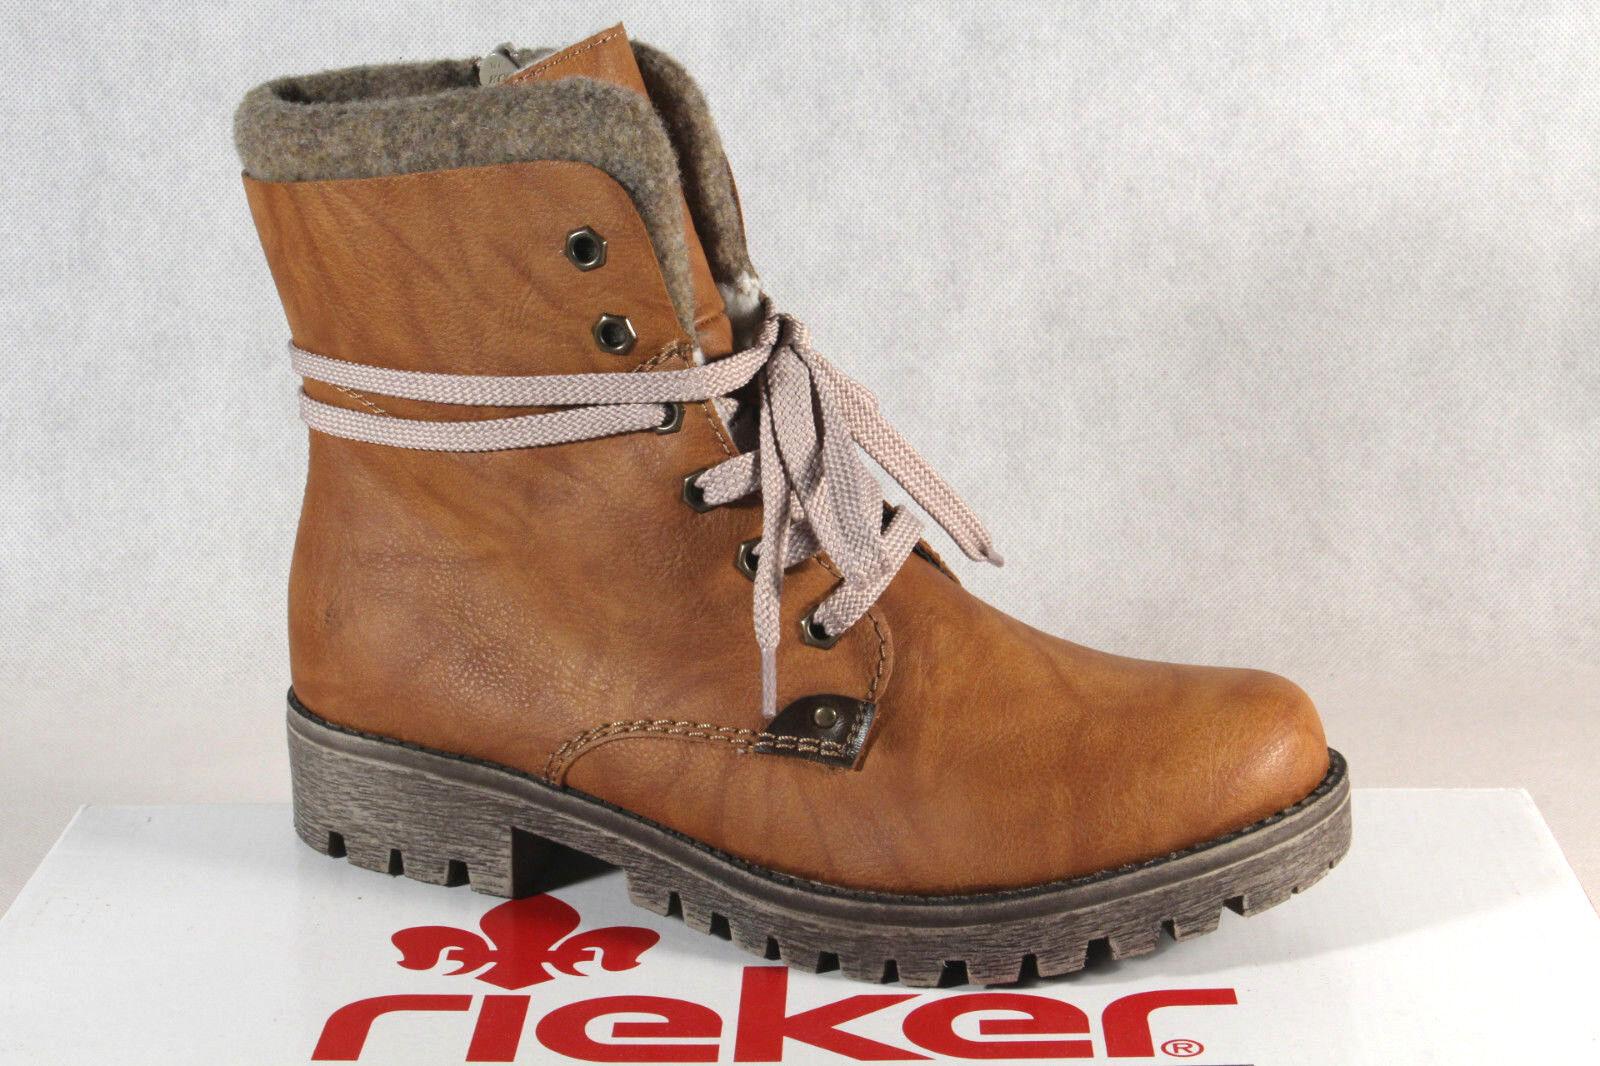 Rieker botas Mujer Mujer Mujer Botines botas de Cordón Marrón 785F5 Nuevo f05ff0